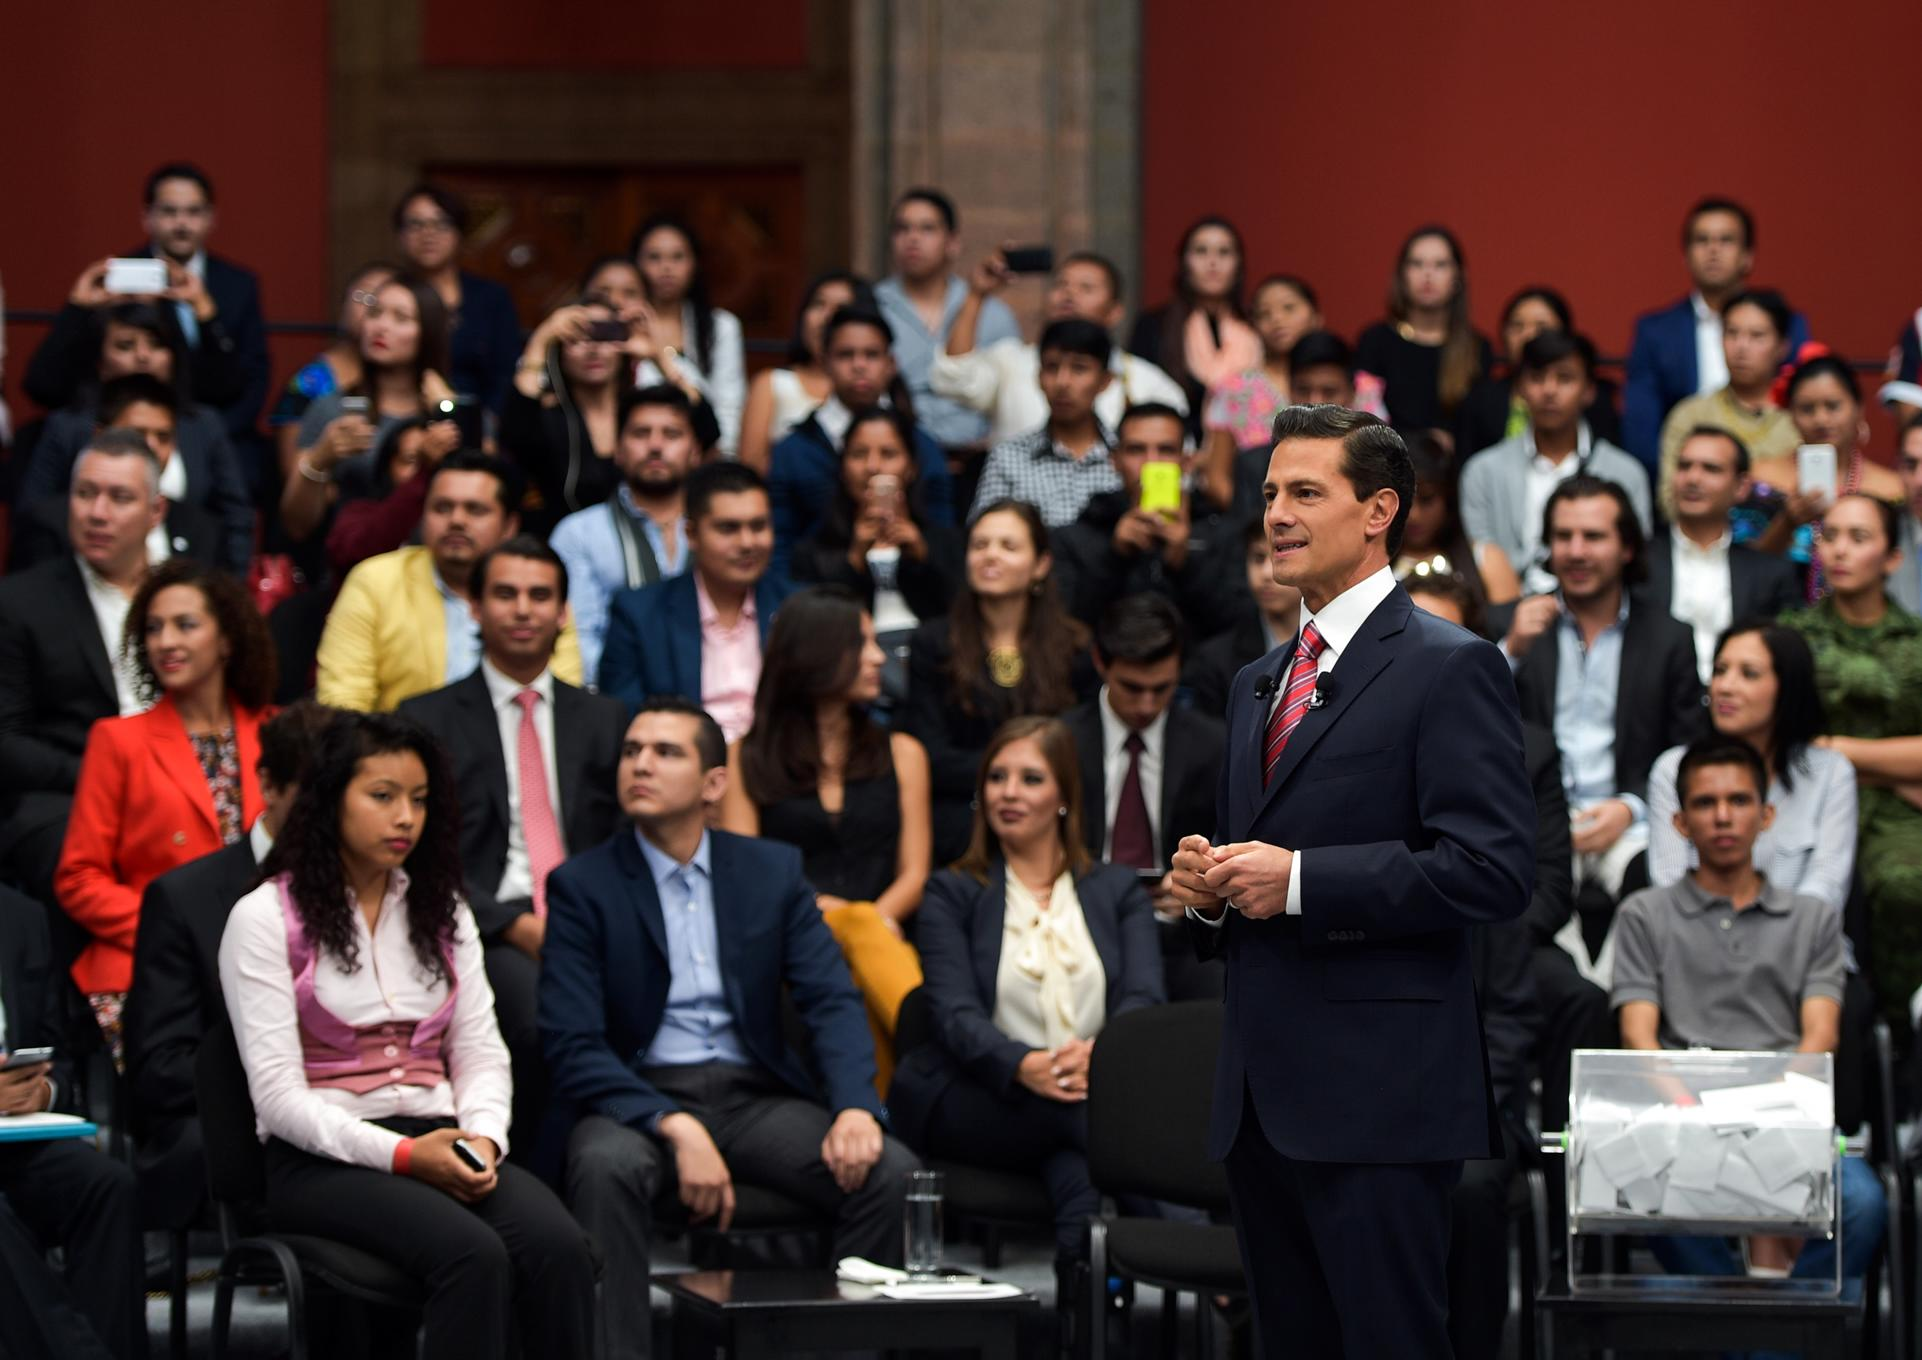 En materia de seguridad, el Presidente Peña Nieto resaltó los trabajos de prevención del delito y el uso de tecnología en contra del crimen organizado.